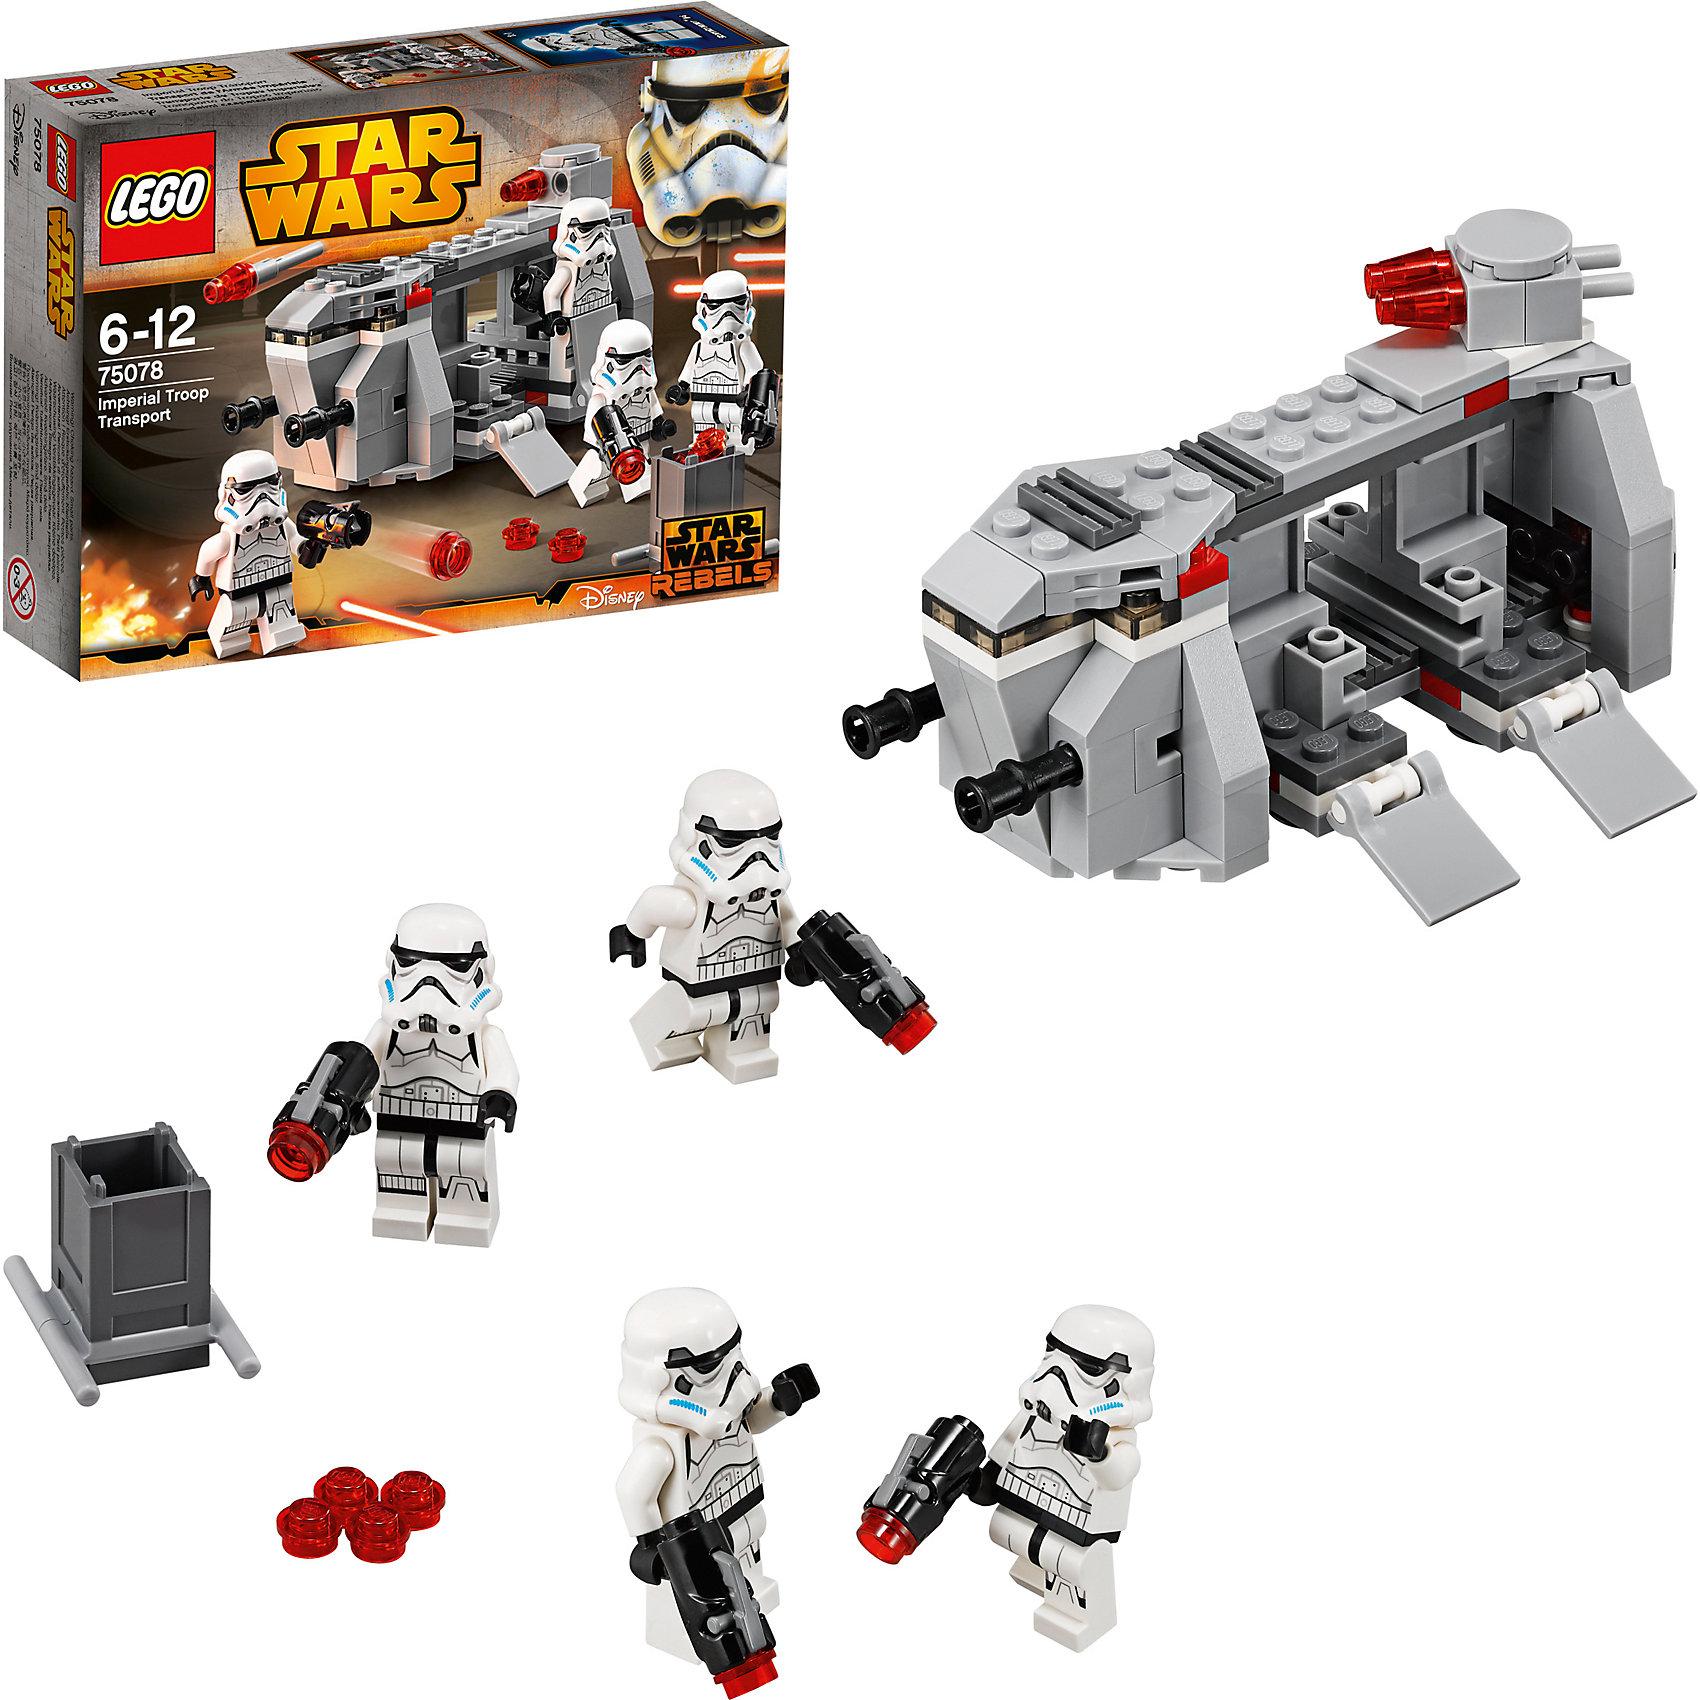 LEGO Star Wars 75078: Транспорт Имперских ВойскВыслеживай повстанцев на планете Лотхал на боевом войсковом транспорте Империи из набора LEGO Star Wars 75078: Транспорт Имперских Войск.  Высаживай штурмовиков со стреляющими бластерами, погружай их в транспорт и готовься к отправке. Если вас атакуют, запрыгивай на крышу и выпускай из турели две ракеты, чтобы обратить противников в бегство.<br><br>LEGO Star Wars (ЛЕГО Звездные войны) - серия детских конструкторов ЛЕГО, созданная по одноименной фантастической саге. Включает в себя множество сюжетов и реалистичных деталей, призванных в точности воспроизвести мир Star Wars.<br><br>Дополнительная информация:<br><br>- Конструкторы ЛЕГО развивают усидчивость, внимание, фантазию и мелкую моторику. <br>- Комплектация: транспорт, 4 минифигурки с оружием.<br>- В наборе 4 минифигурки штурмовиков с разнообразным оружием.<br>- Количество деталей: 141 шт.<br>- Транспорт: откидывающиеся борта, пушка с 2 ракетами. <br>- Серия ЛЕГО Звездные войны (LEGO Star Wars).<br>- Материал: пластик.<br>- Размер упаковки: 14,1 х 19,1 х 4,6 см<br>- Вес: 0.183 кг<br><br>Конструктор LEGO Star Wars ( ЛЕГО Звездные войны) 75078: Транспорт Имперских Войск можно купить в нашем магазине.<br><br>Ширина мм: 195<br>Глубина мм: 142<br>Высота мм: 50<br>Вес г: 153<br>Возраст от месяцев: 72<br>Возраст до месяцев: 144<br>Пол: Мужской<br>Возраст: Детский<br>SKU: 3786136